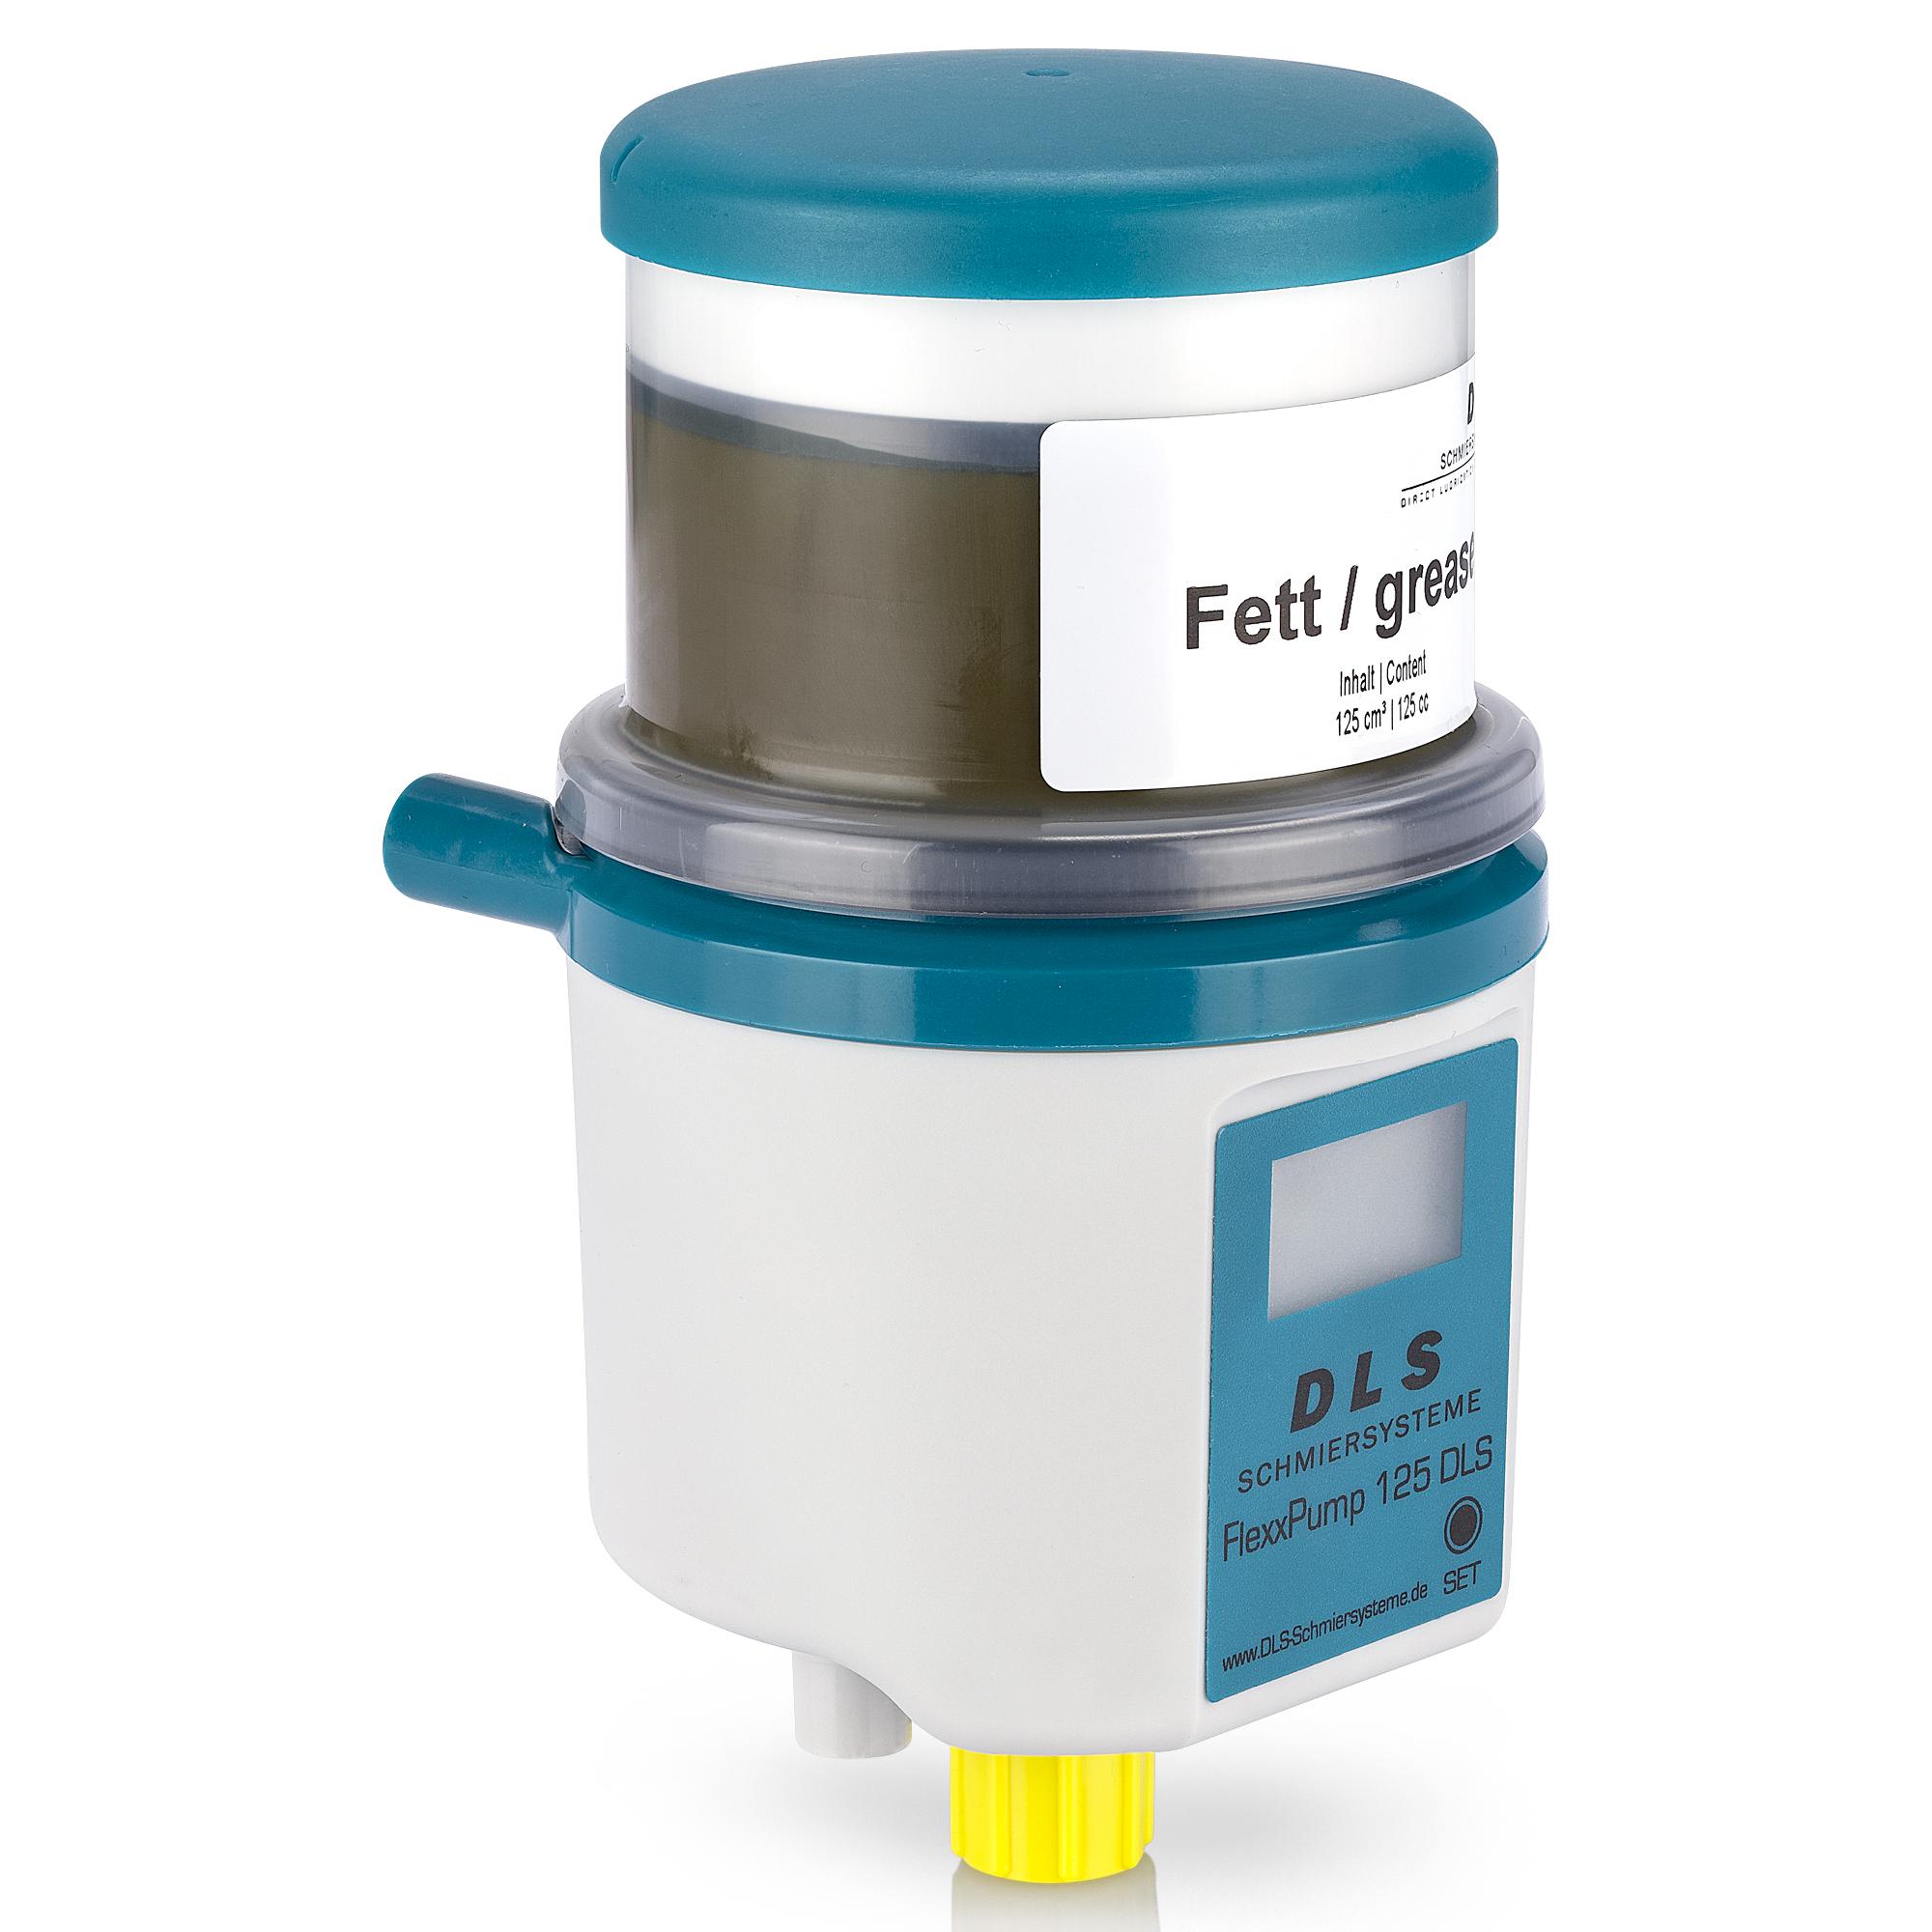 FlexxPump 125